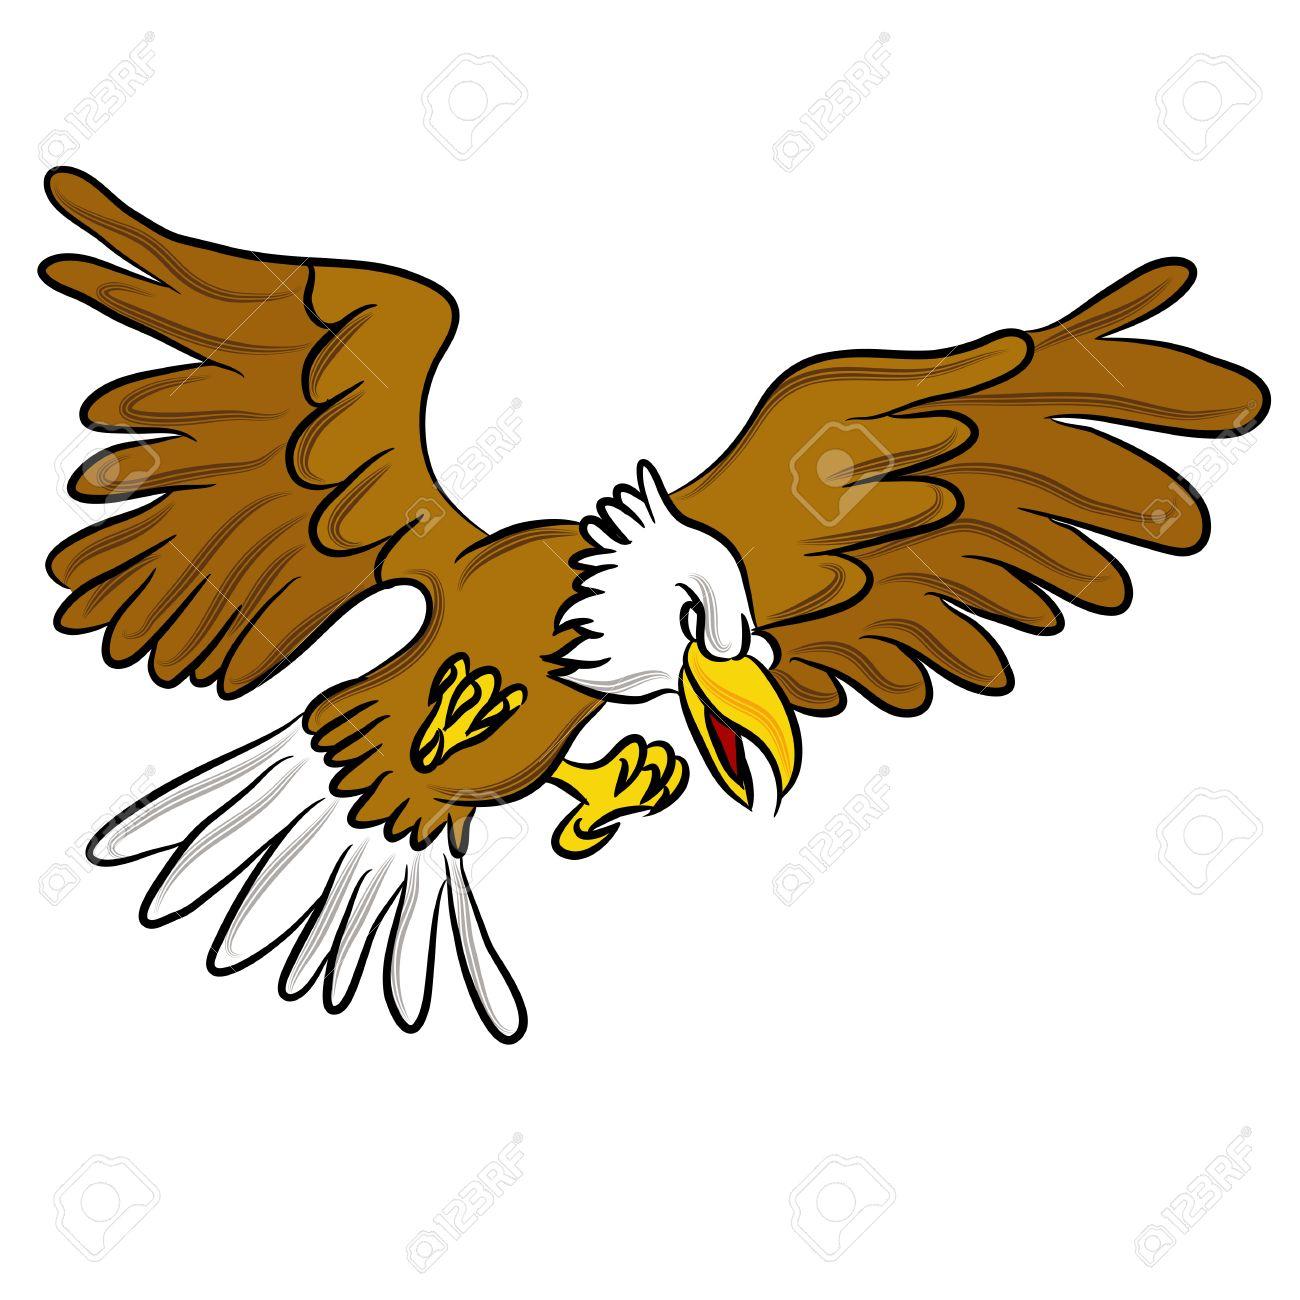 An image of a angry eagle cartoon..